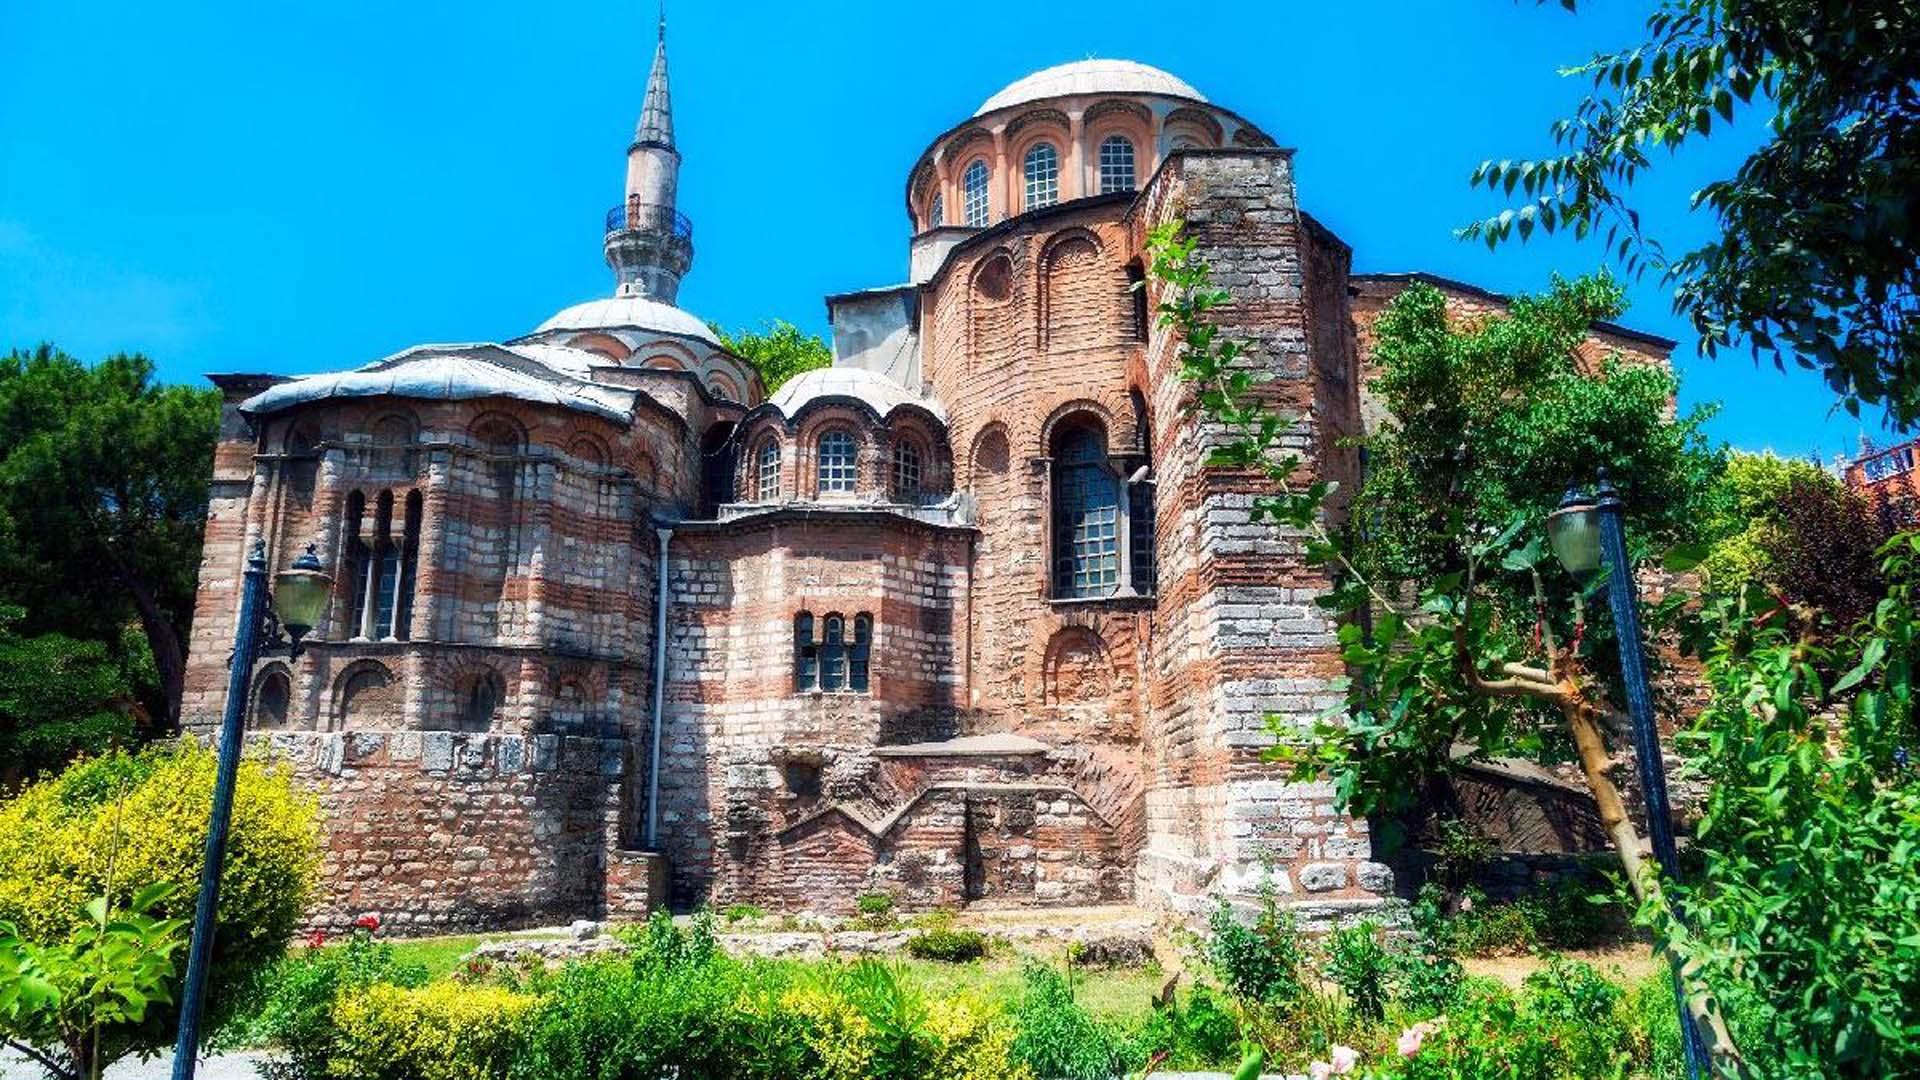 Son dakika | Dışişleri Bakanlığından Ayasofya ve Kariye Camii açıklaması: Türkiye Cumhuriyeti'nin mülküdür, titizlikle korunmaktadır